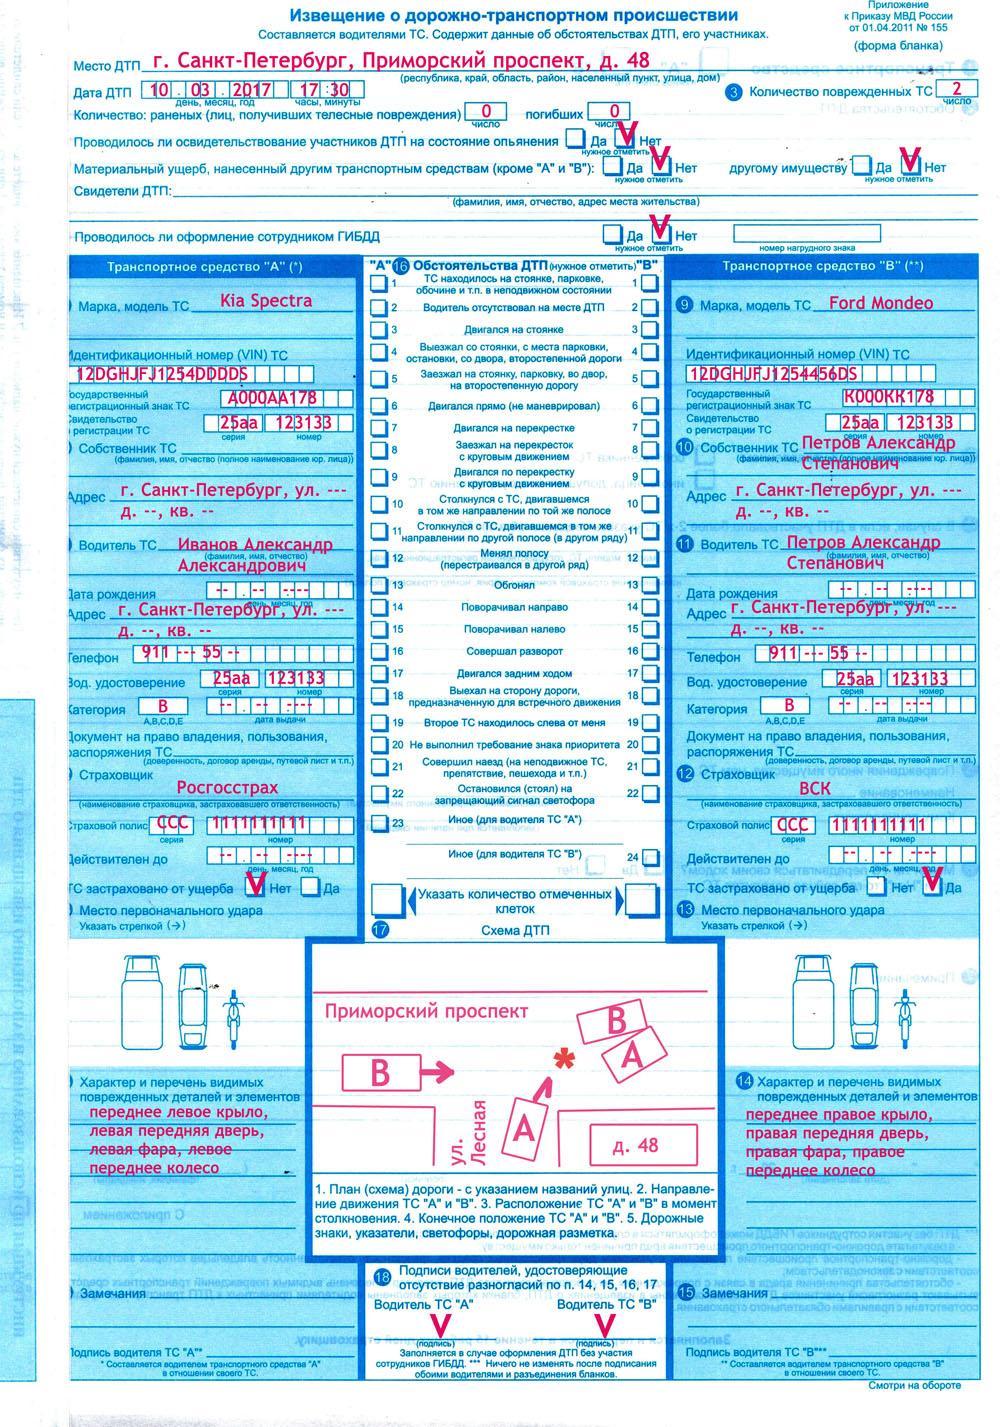 Бланки схема дтп чистые